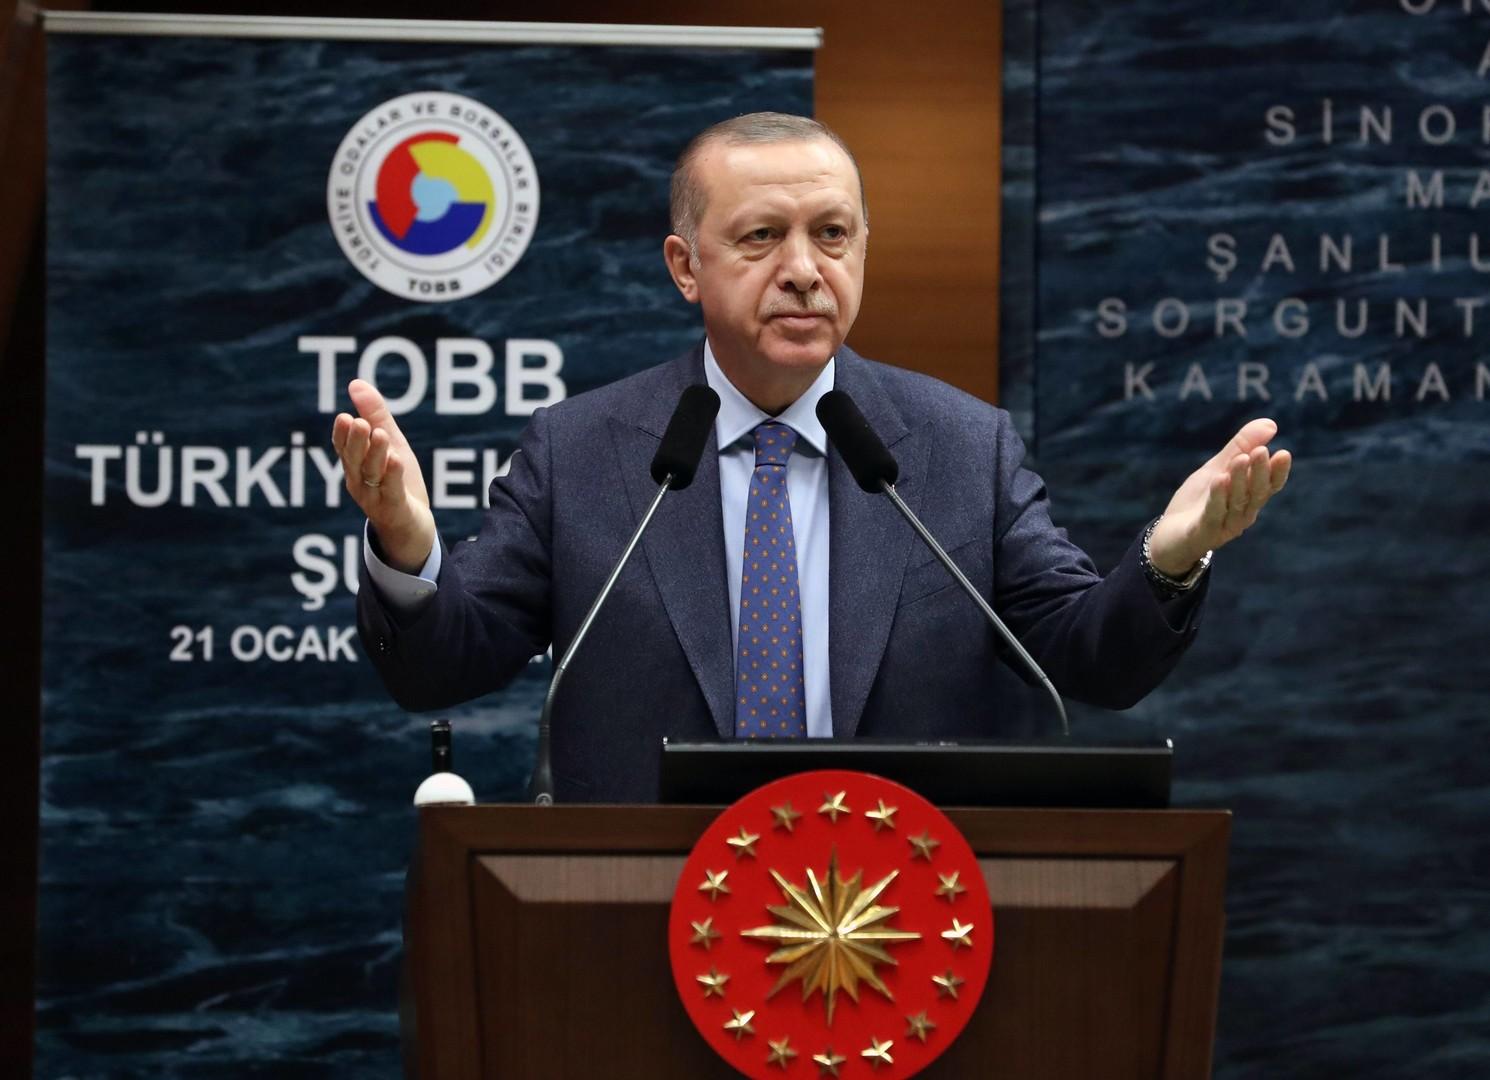 جولة من التوتر.. أردوغان يعلن عملية جديدة في سوريا